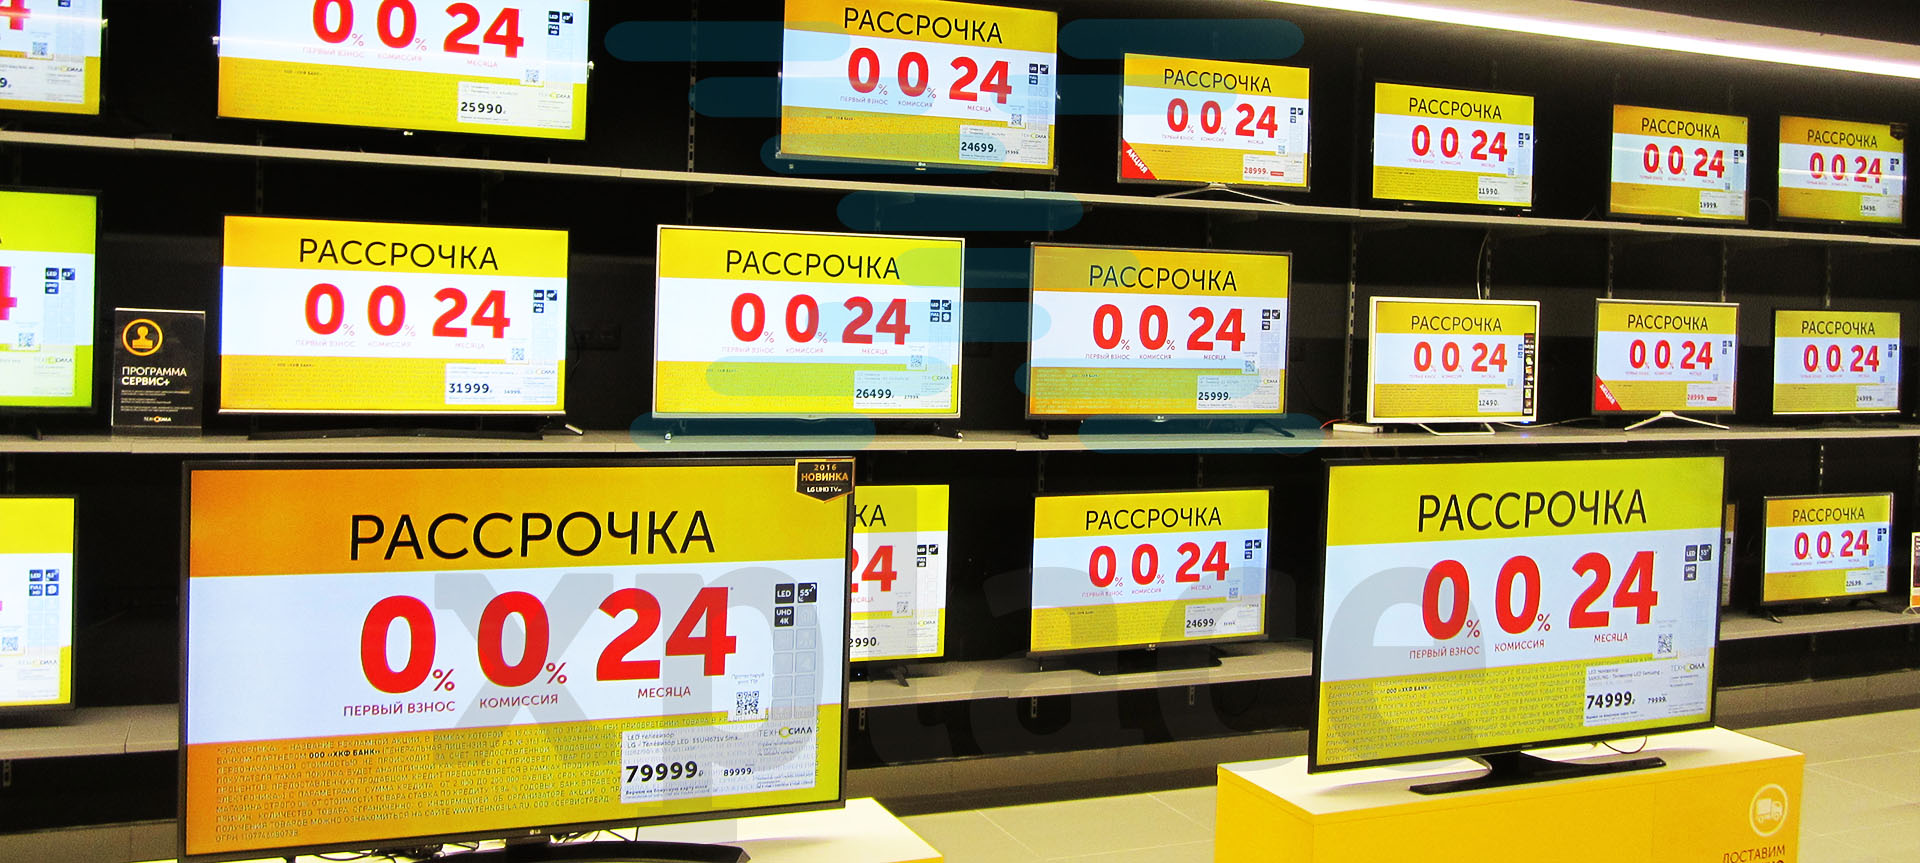 Электронные ценники в Техносиле Сергиев Посад